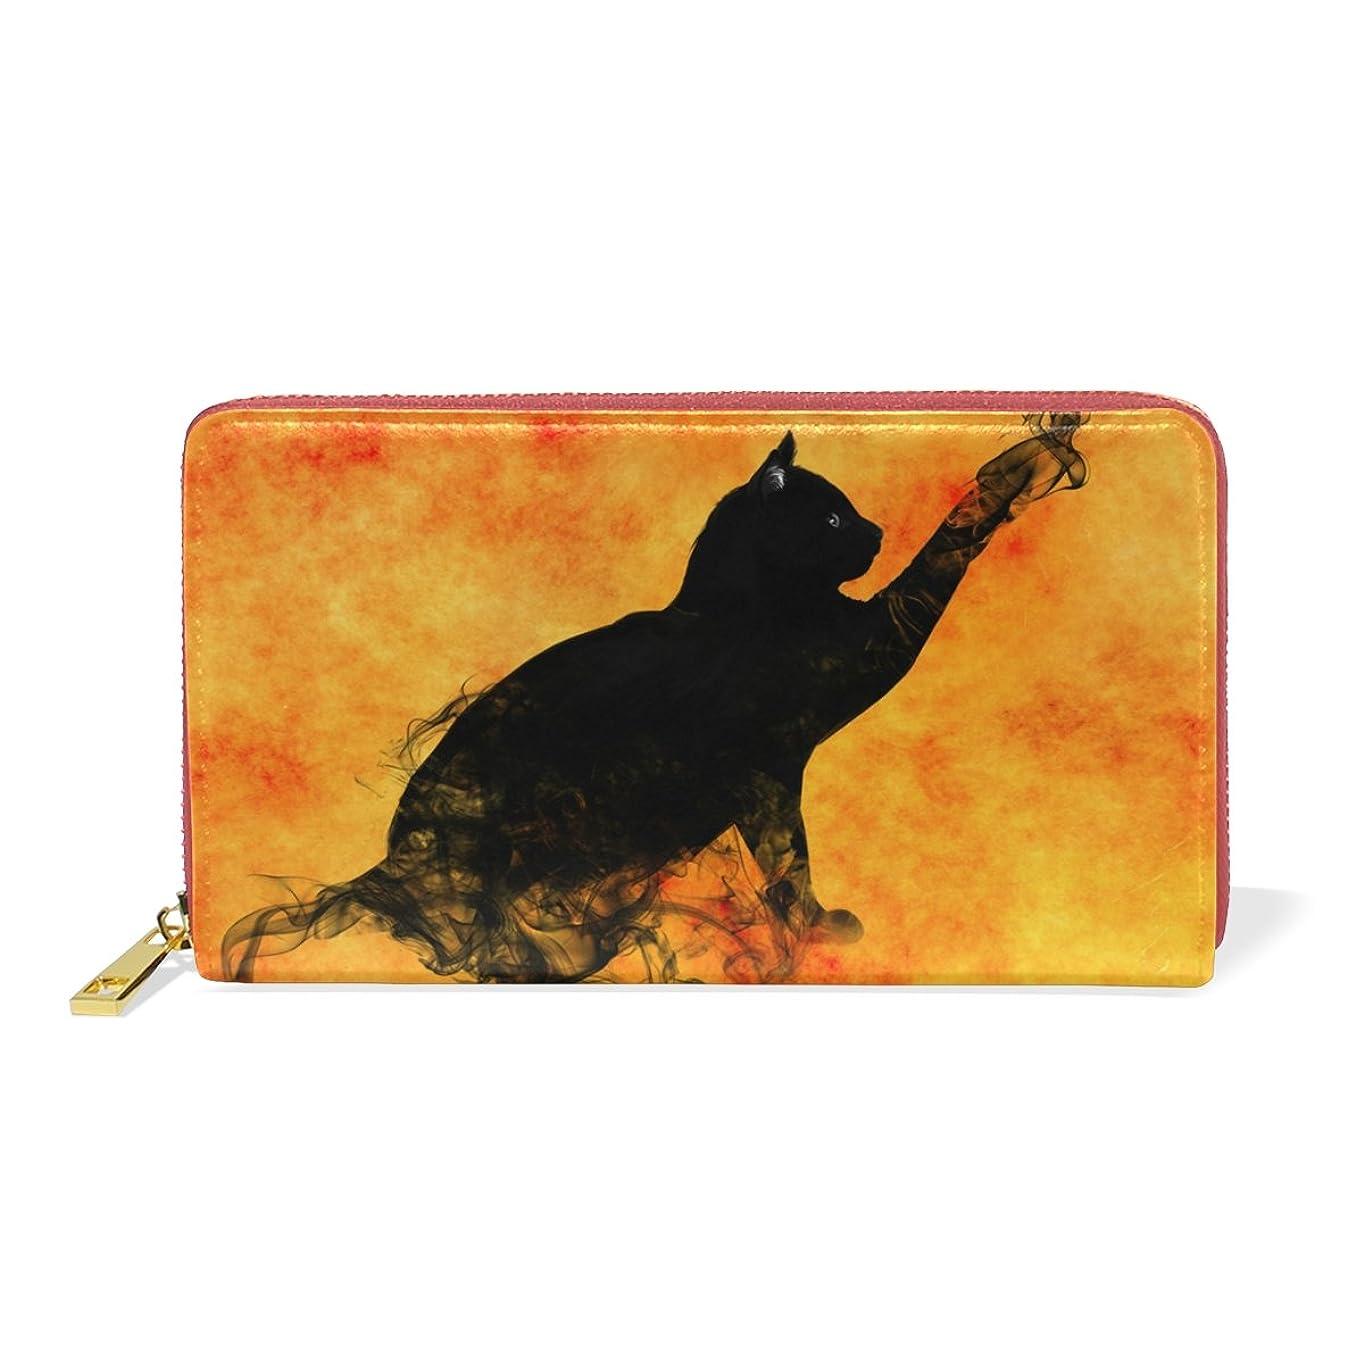 祖先修理可能完璧なAOMOKI 財布 長財布 レディース 本革 大容量 ラウンドファスナー 通勤 通学 ハロウィーン 猫柄 煙 火 オレンジ